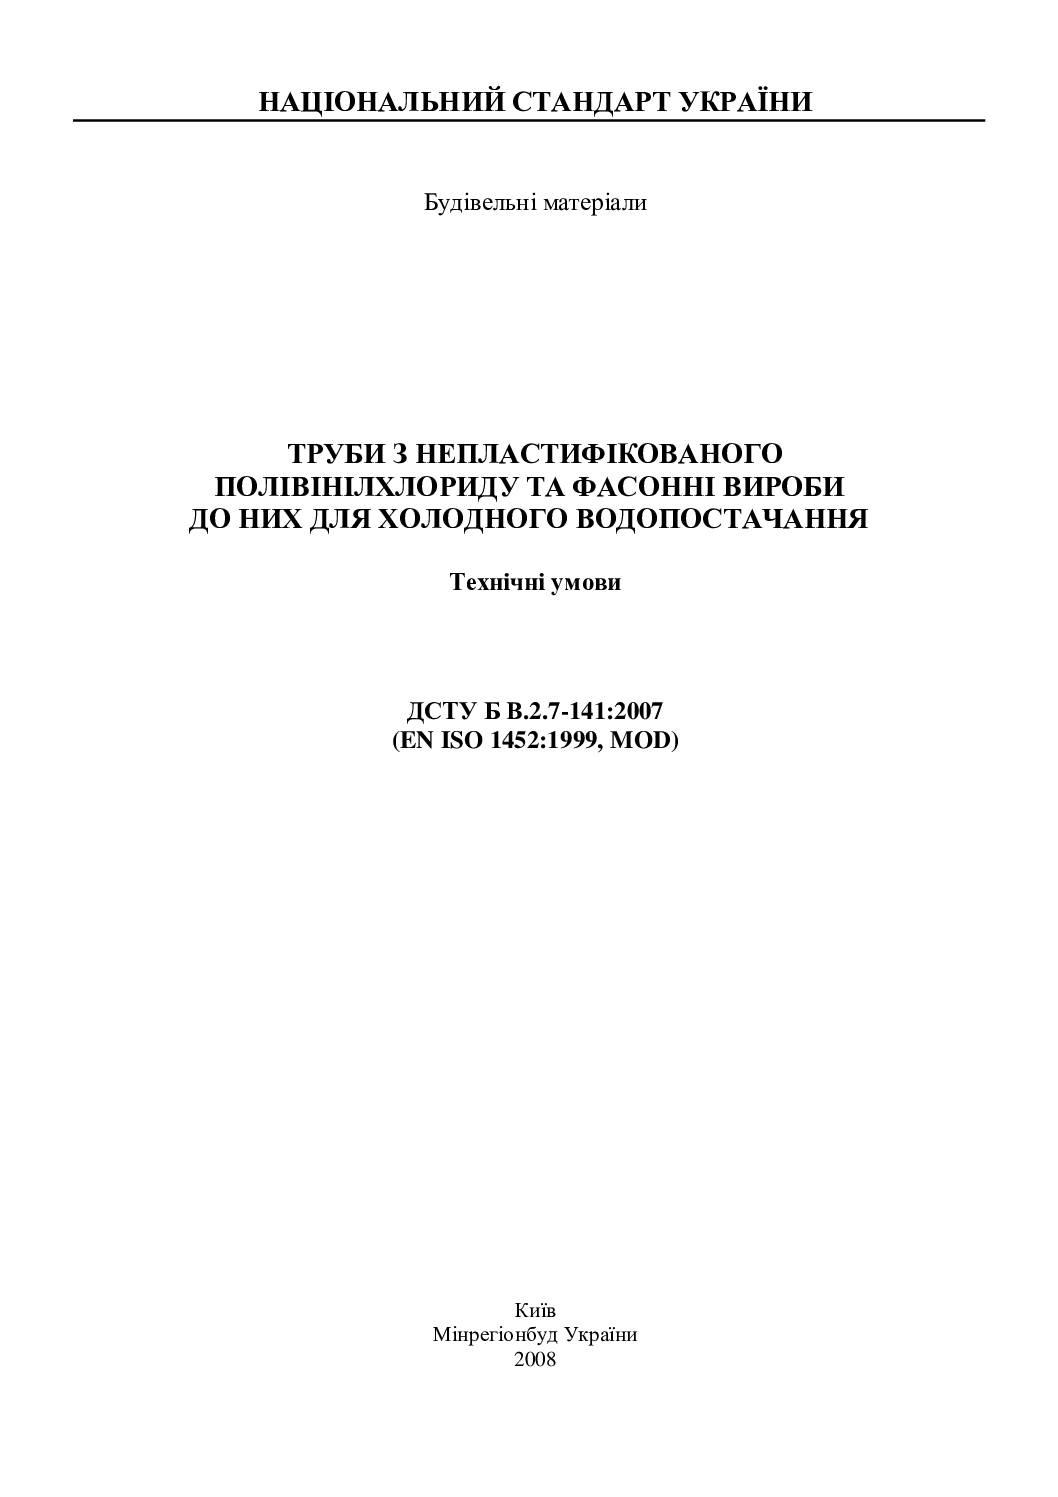 ДСТУ Б В.2.7-141:2007